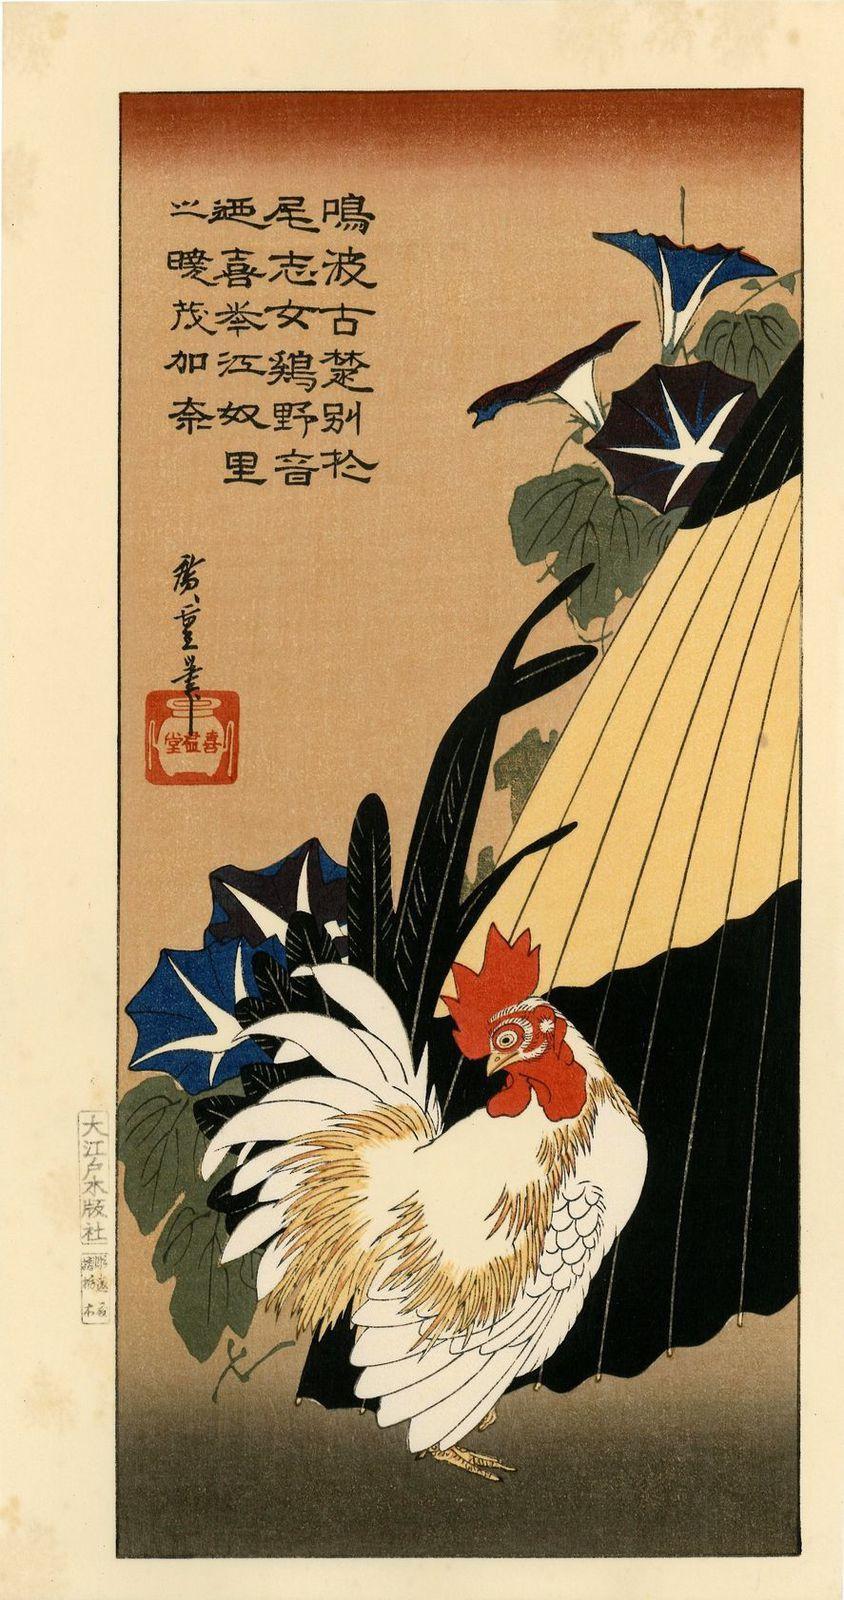 vends belle série de véritables estampes japonaises d'Hiroshige : fleurs et animaux